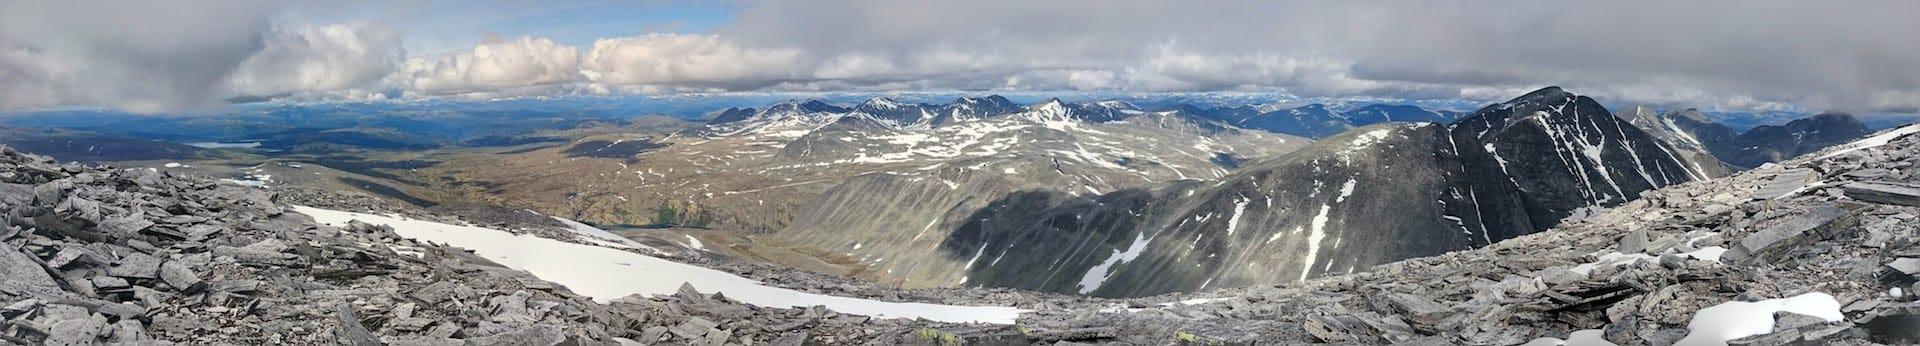 Utsikt fra Storronden mot blant annet Rondeslottet, Vinjeronden, Veslesmeden og Storsmeden